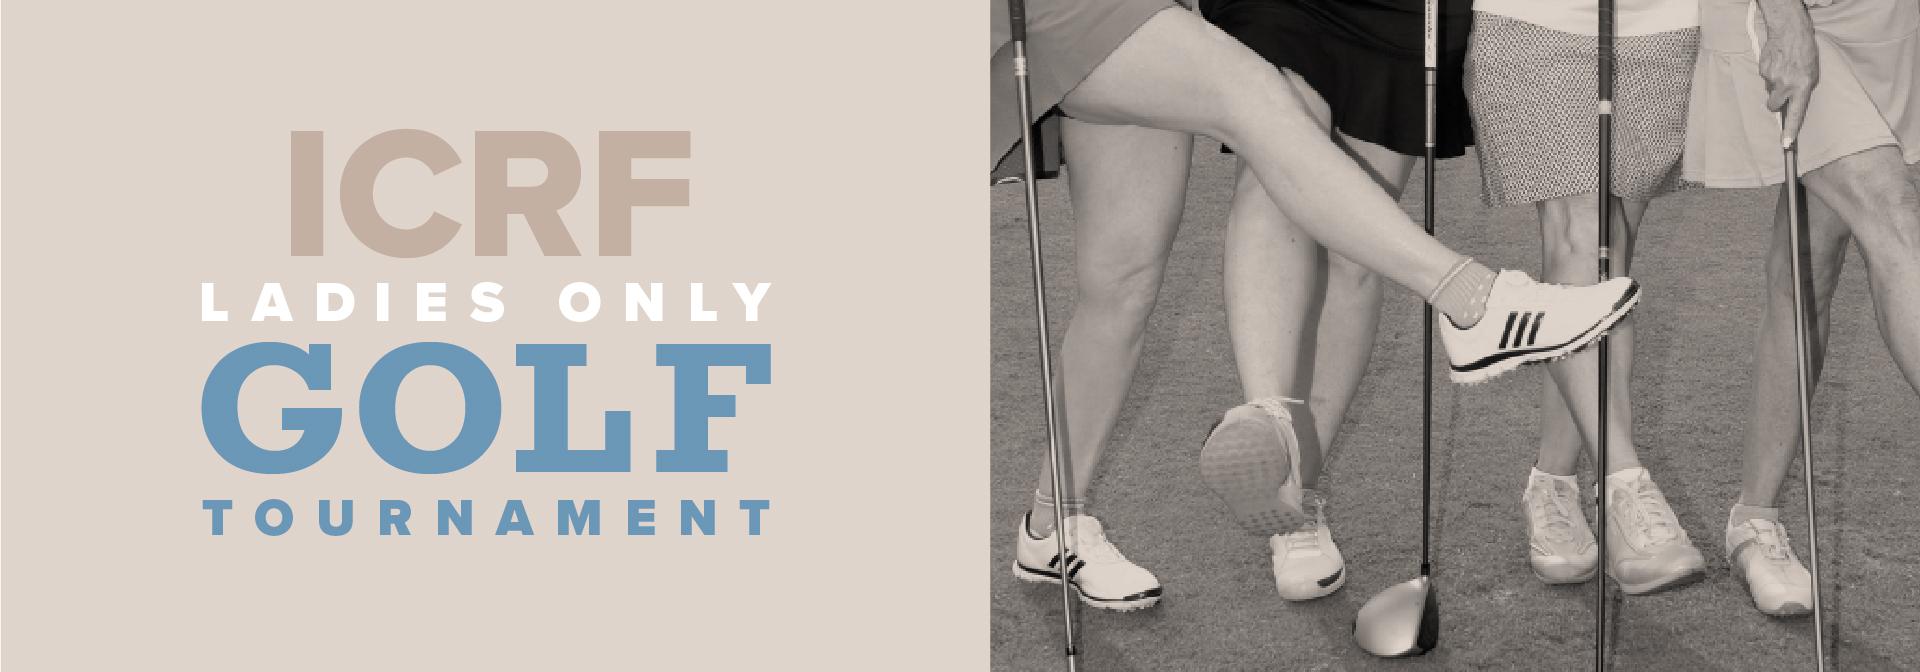 ICRF_GolfTournament_Header.jpg